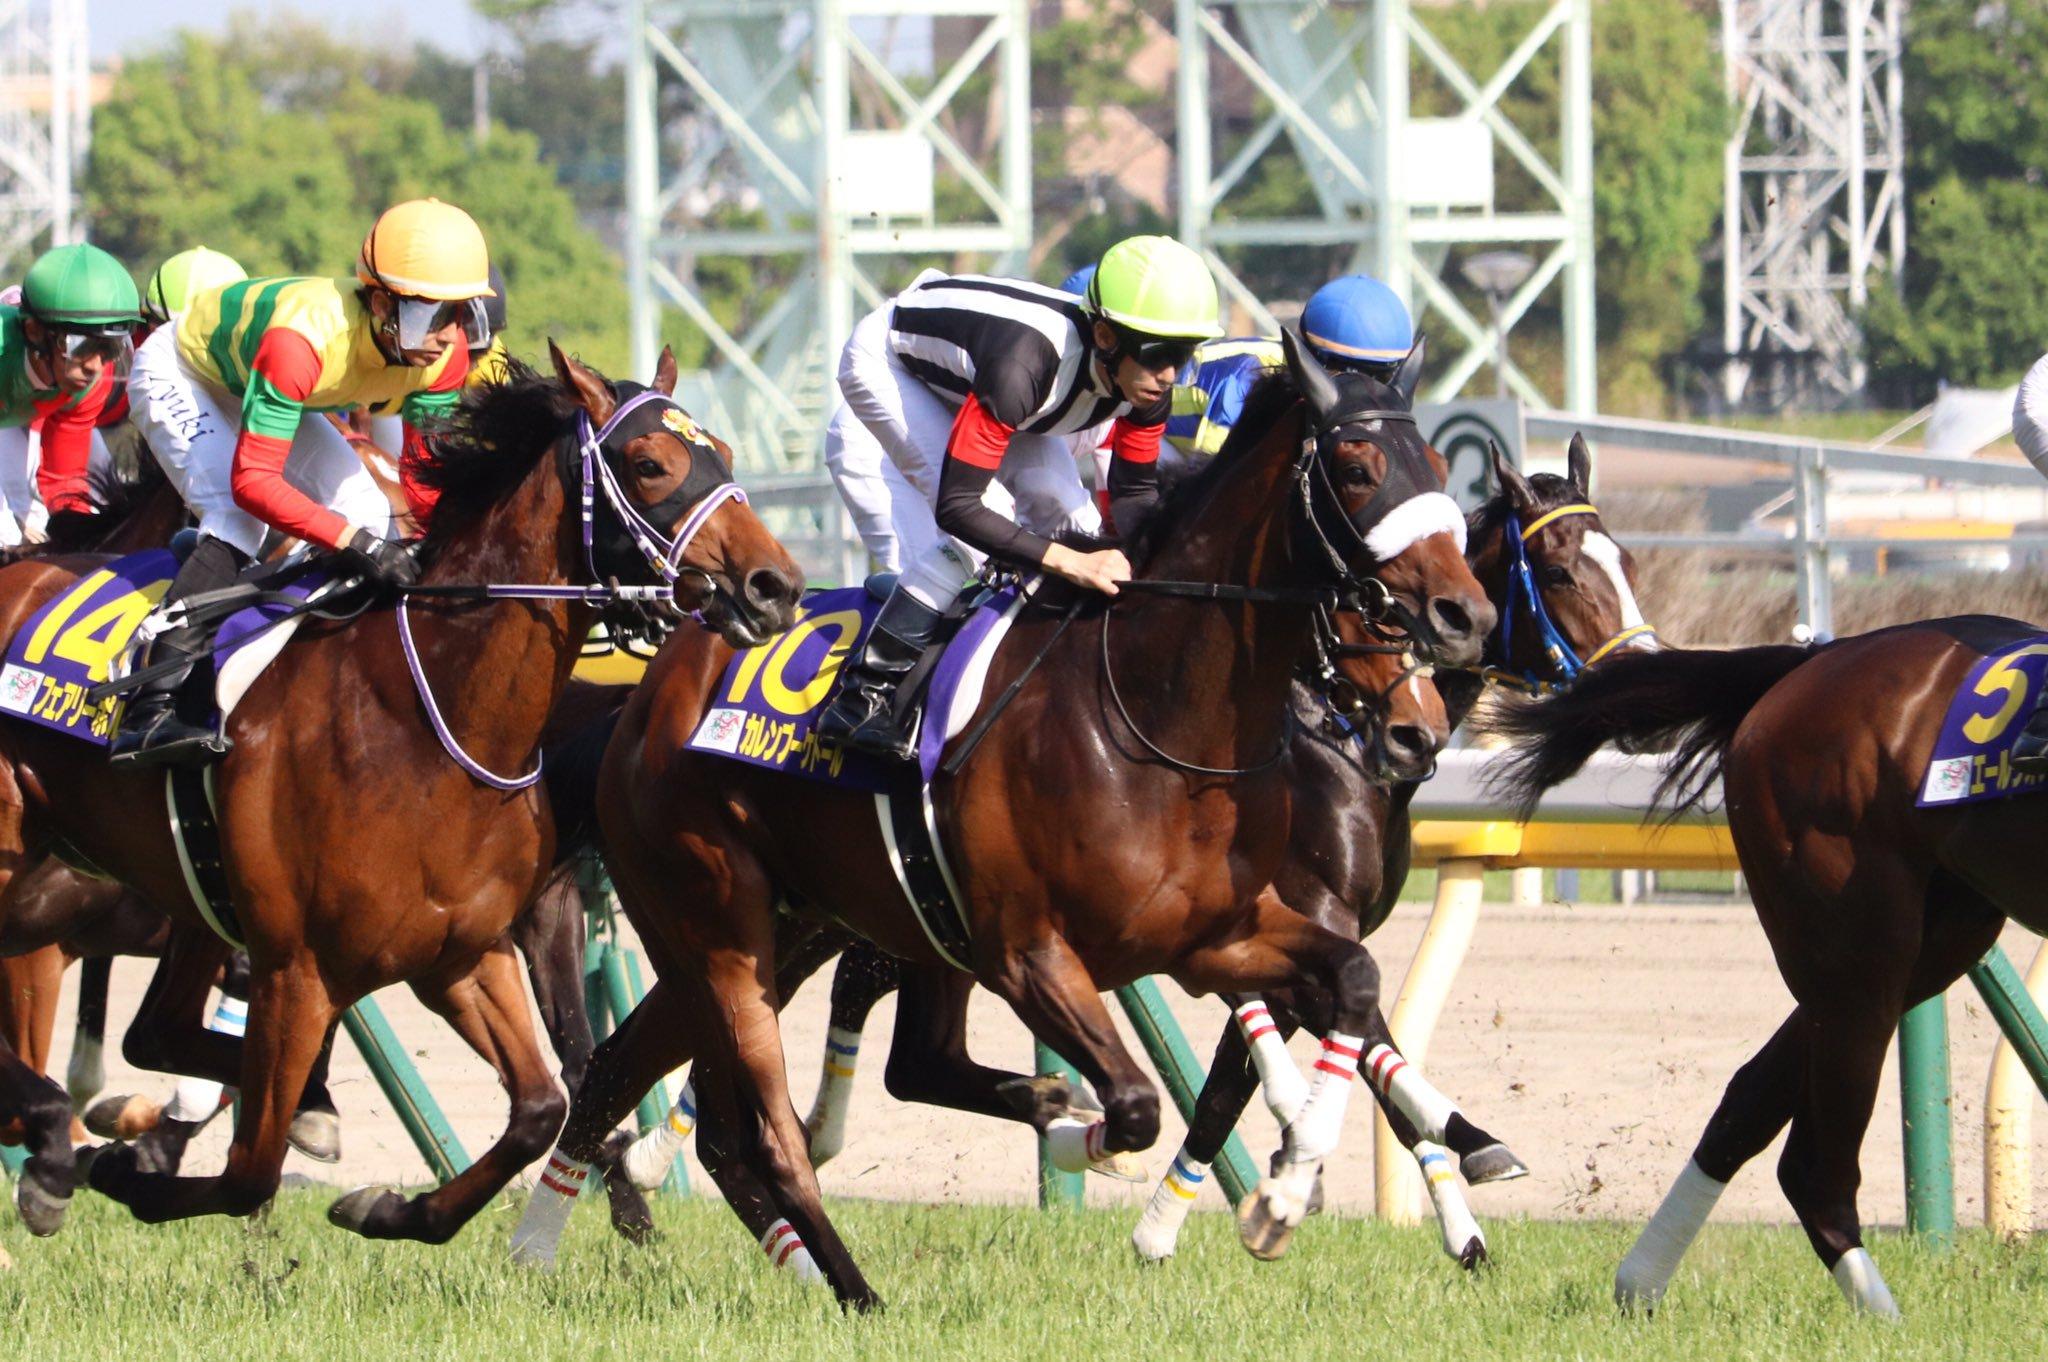 オールカマー2020の競馬予想分析!3つのデータから導く危険な人気馬